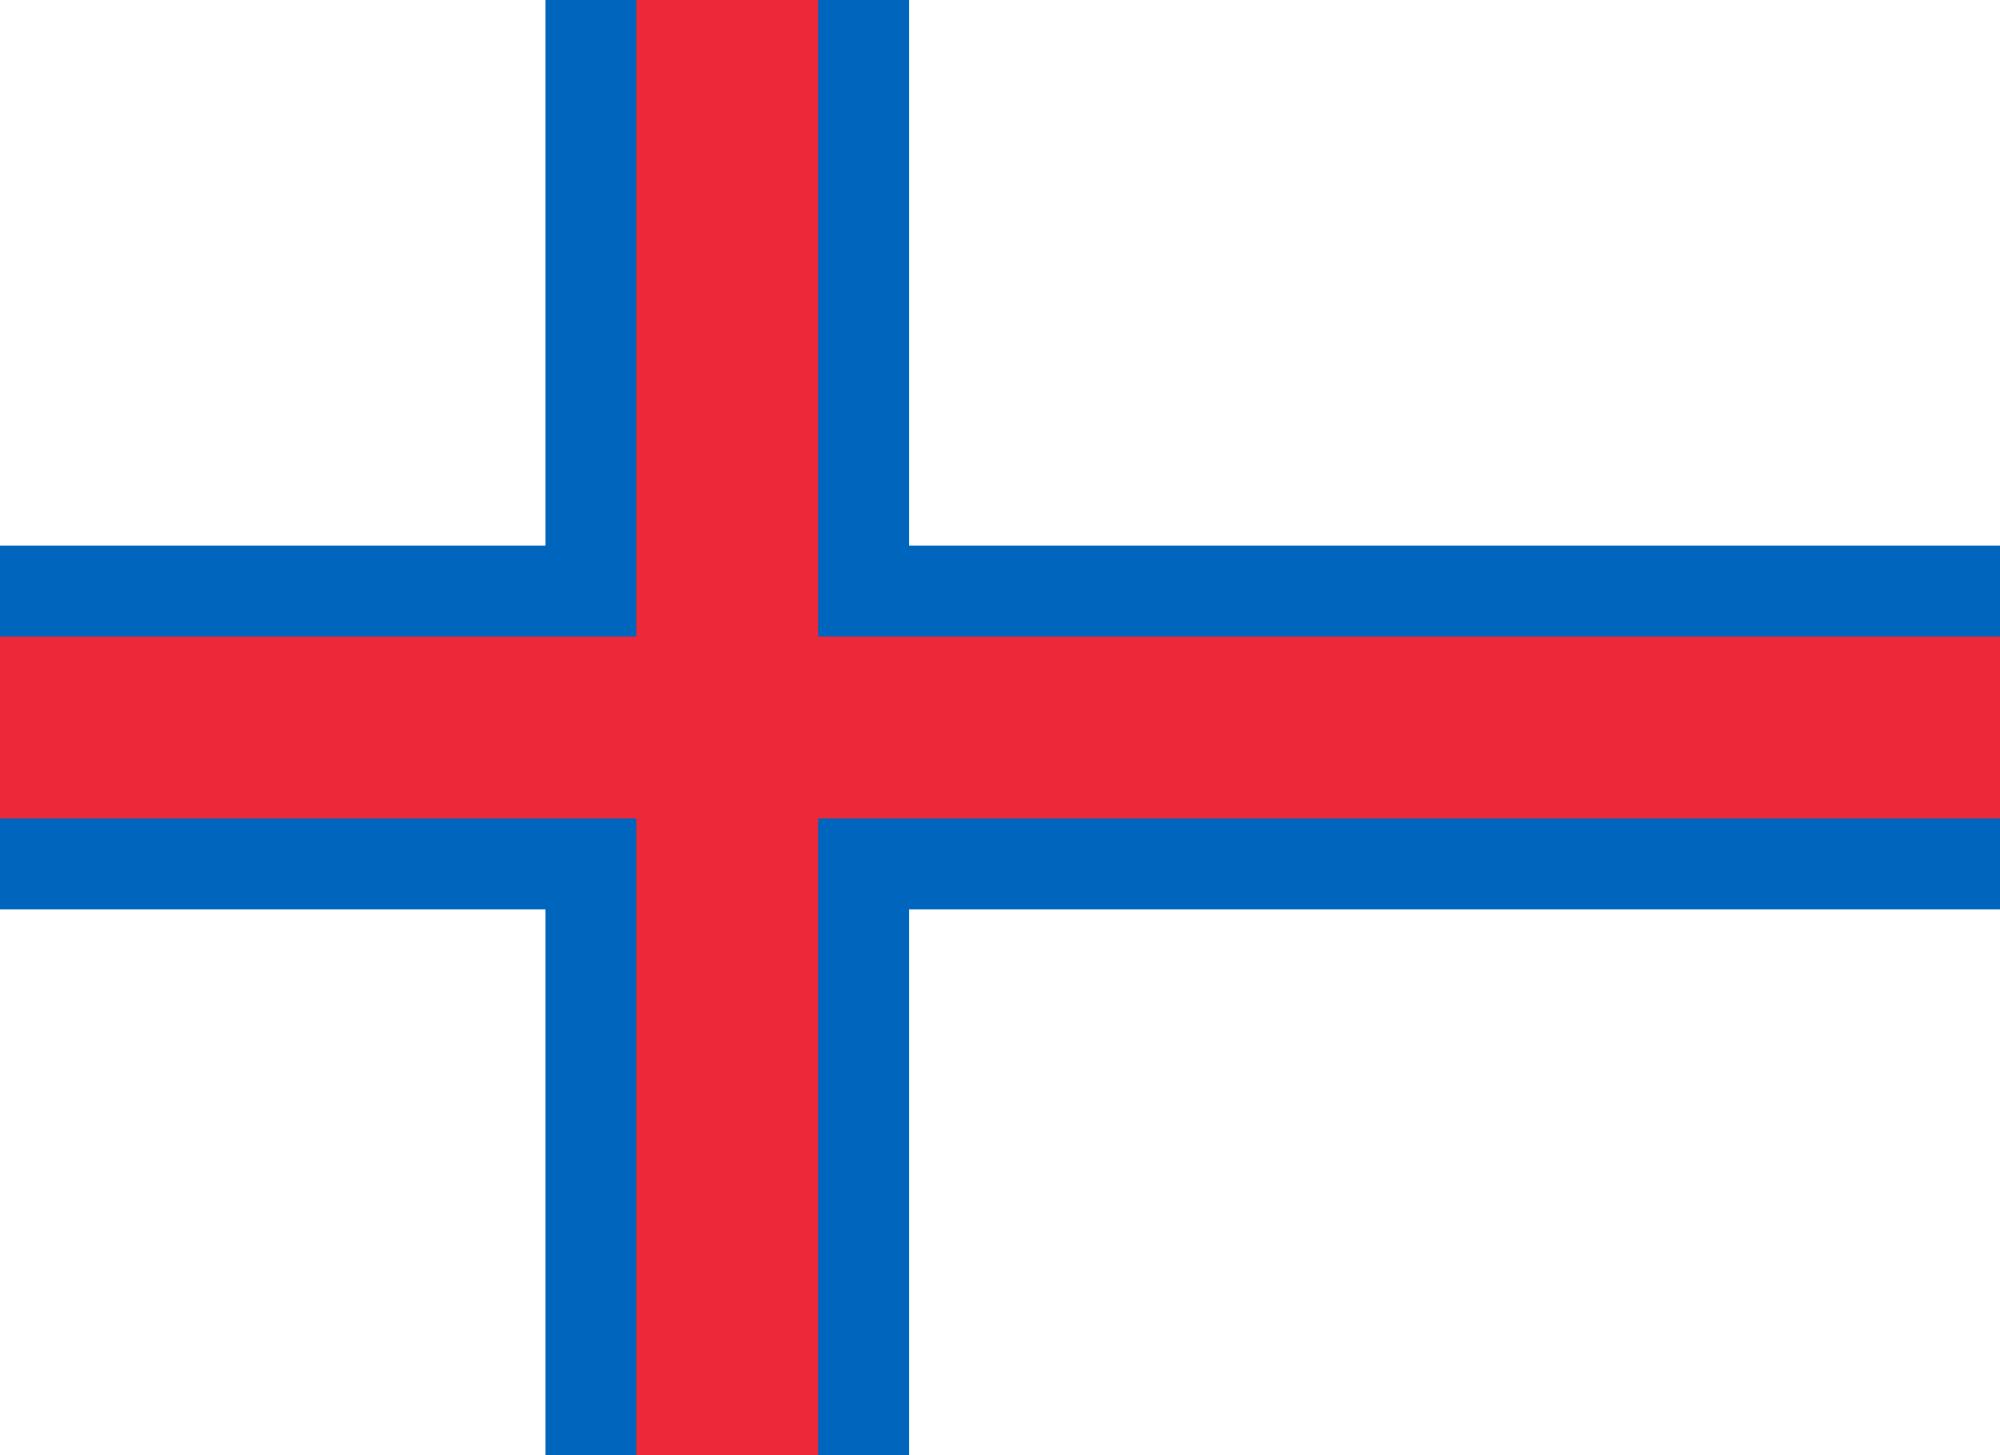 islas feroe, país, emblema, insignia, símbolo - Fondos de Pantalla HD - professor-falken.com